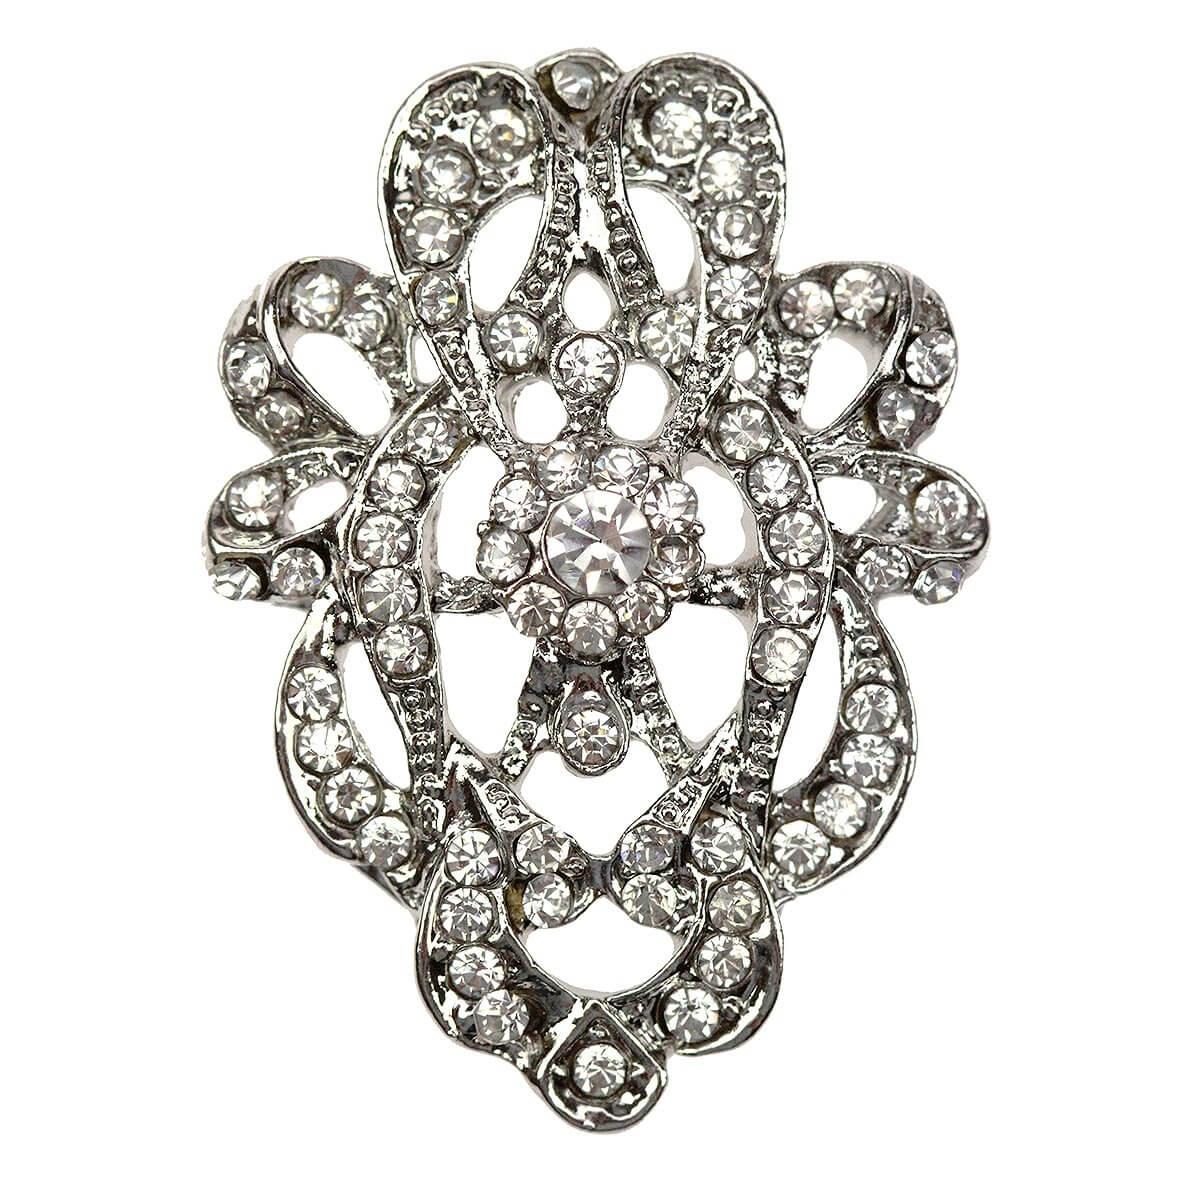 Sirius Diamante Decoration for Wedding Invitations